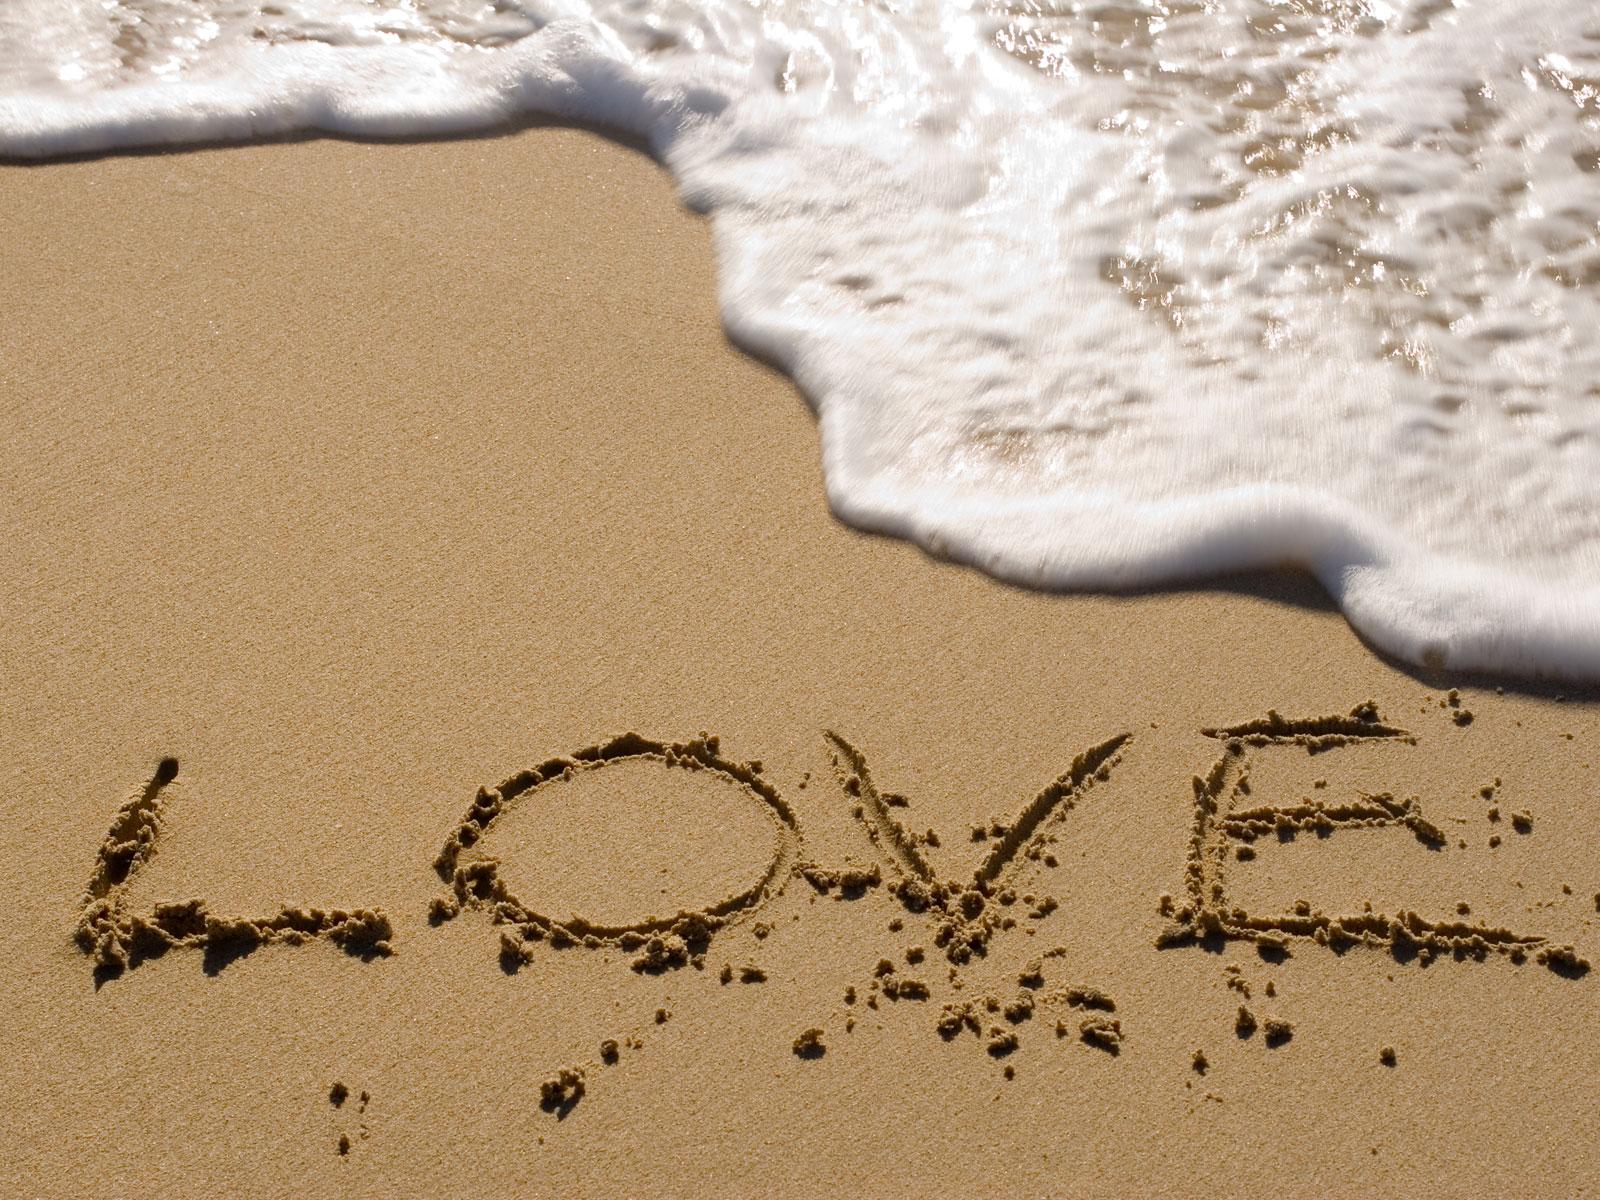 http://4.bp.blogspot.com/-i829u913wXU/TthB6s85jKI/AAAAAAAAAM0/45JYEKwNJDg/s1600/Love-Beach.jpg